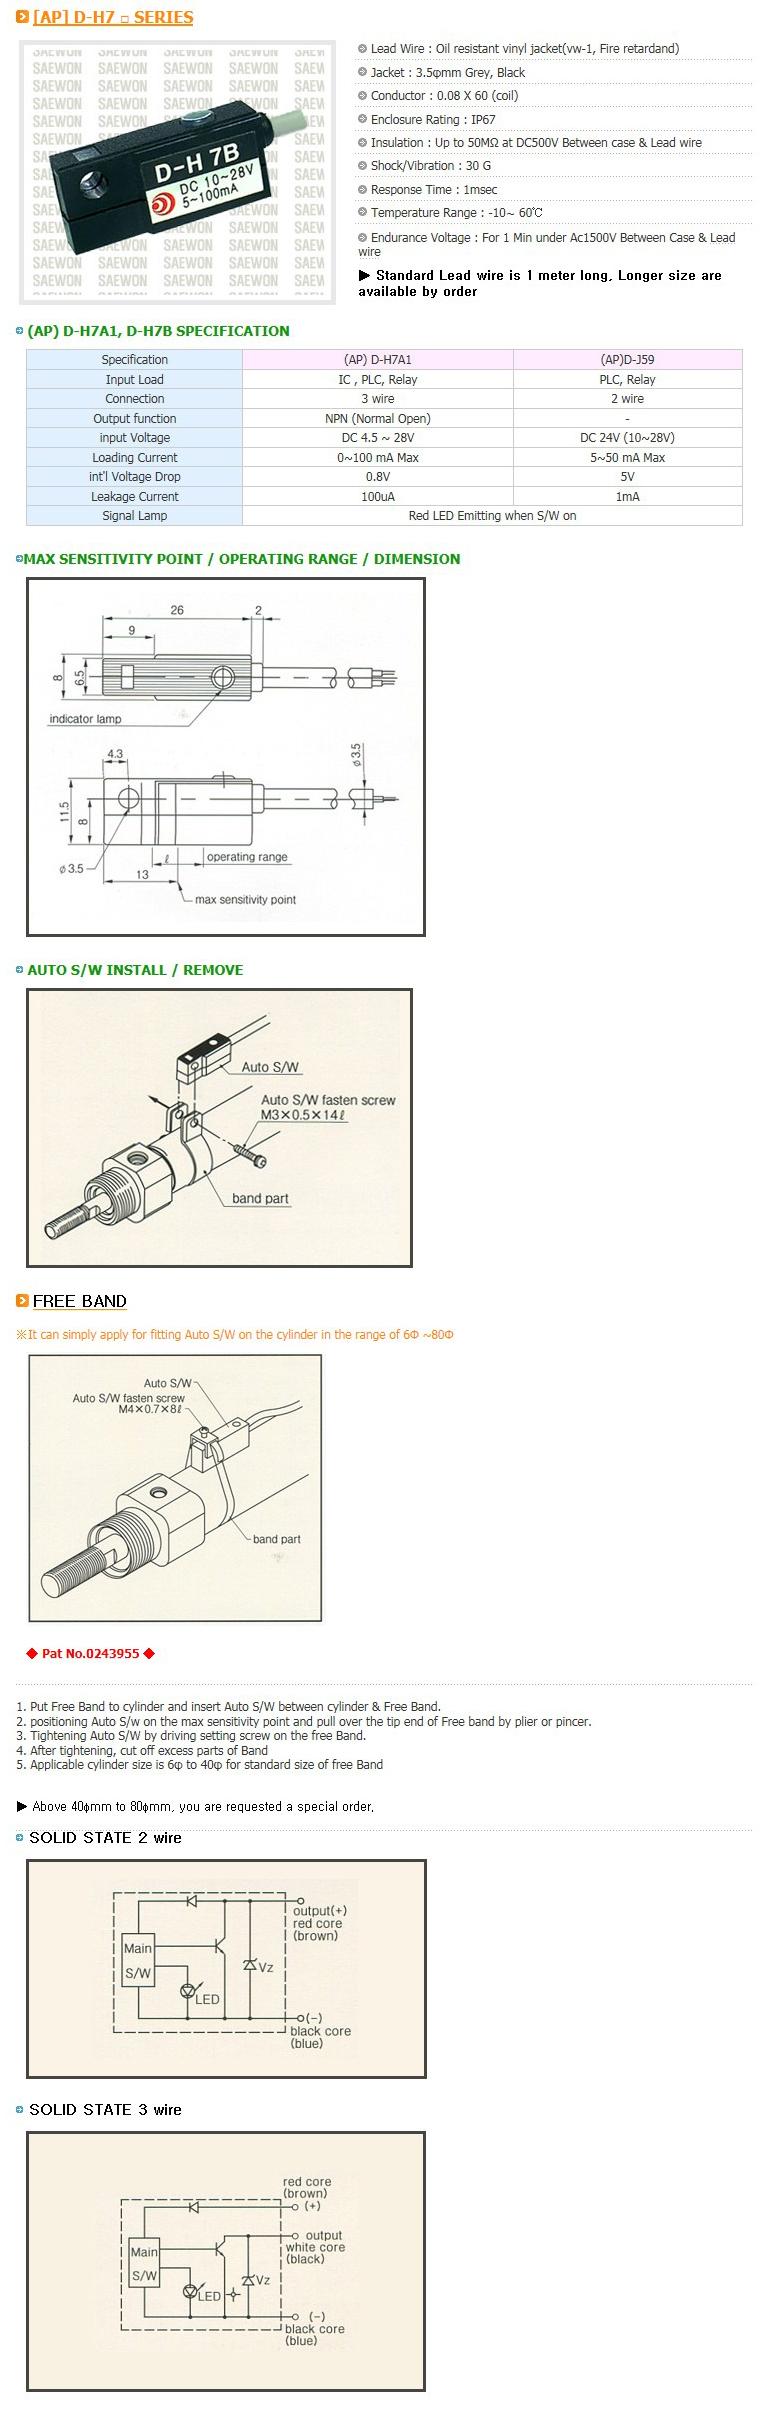 Saewon Electronics PLC AP D-H7 Series